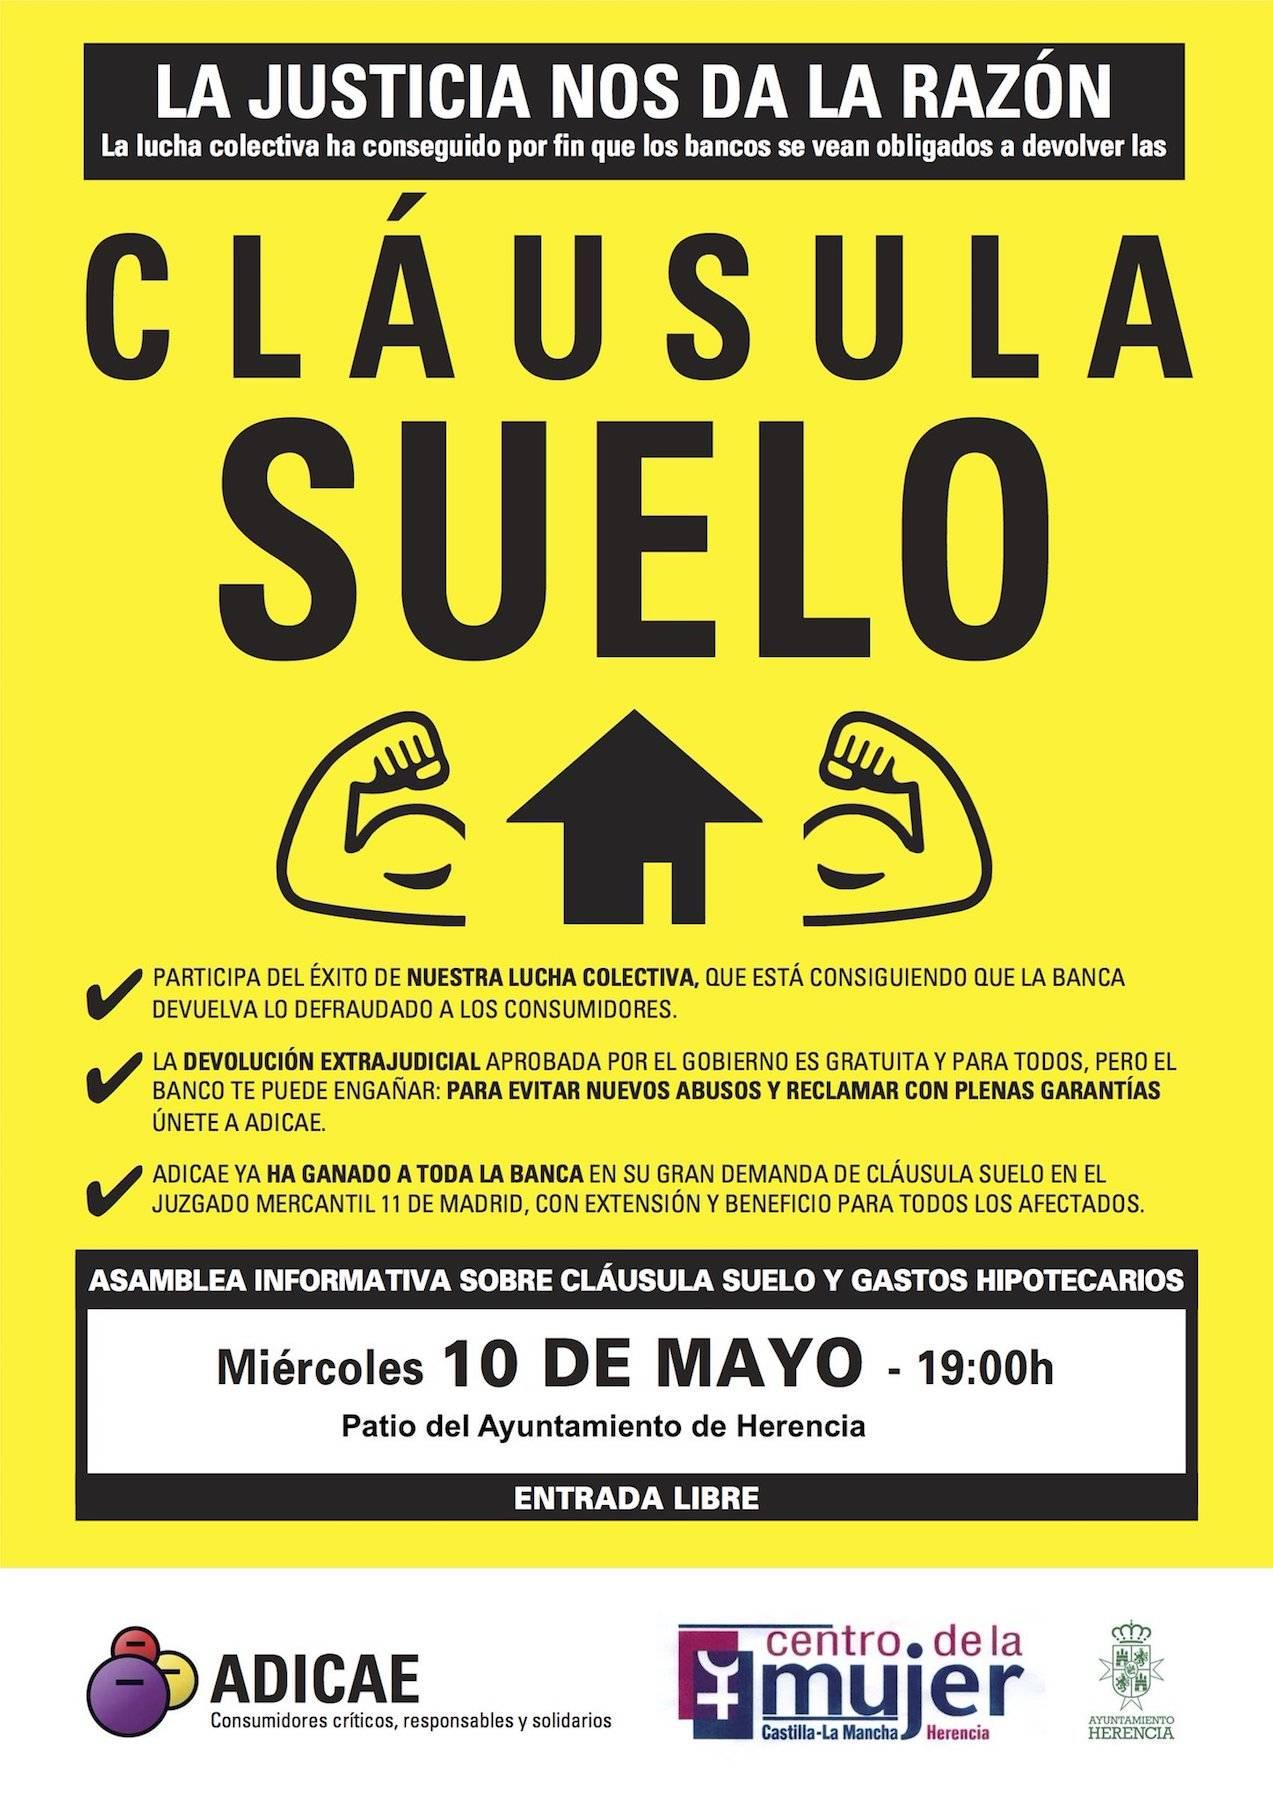 Asamblea informativa sobre la cl usula suelo el pr ximo 10 for Clausula suelo mayo 2013